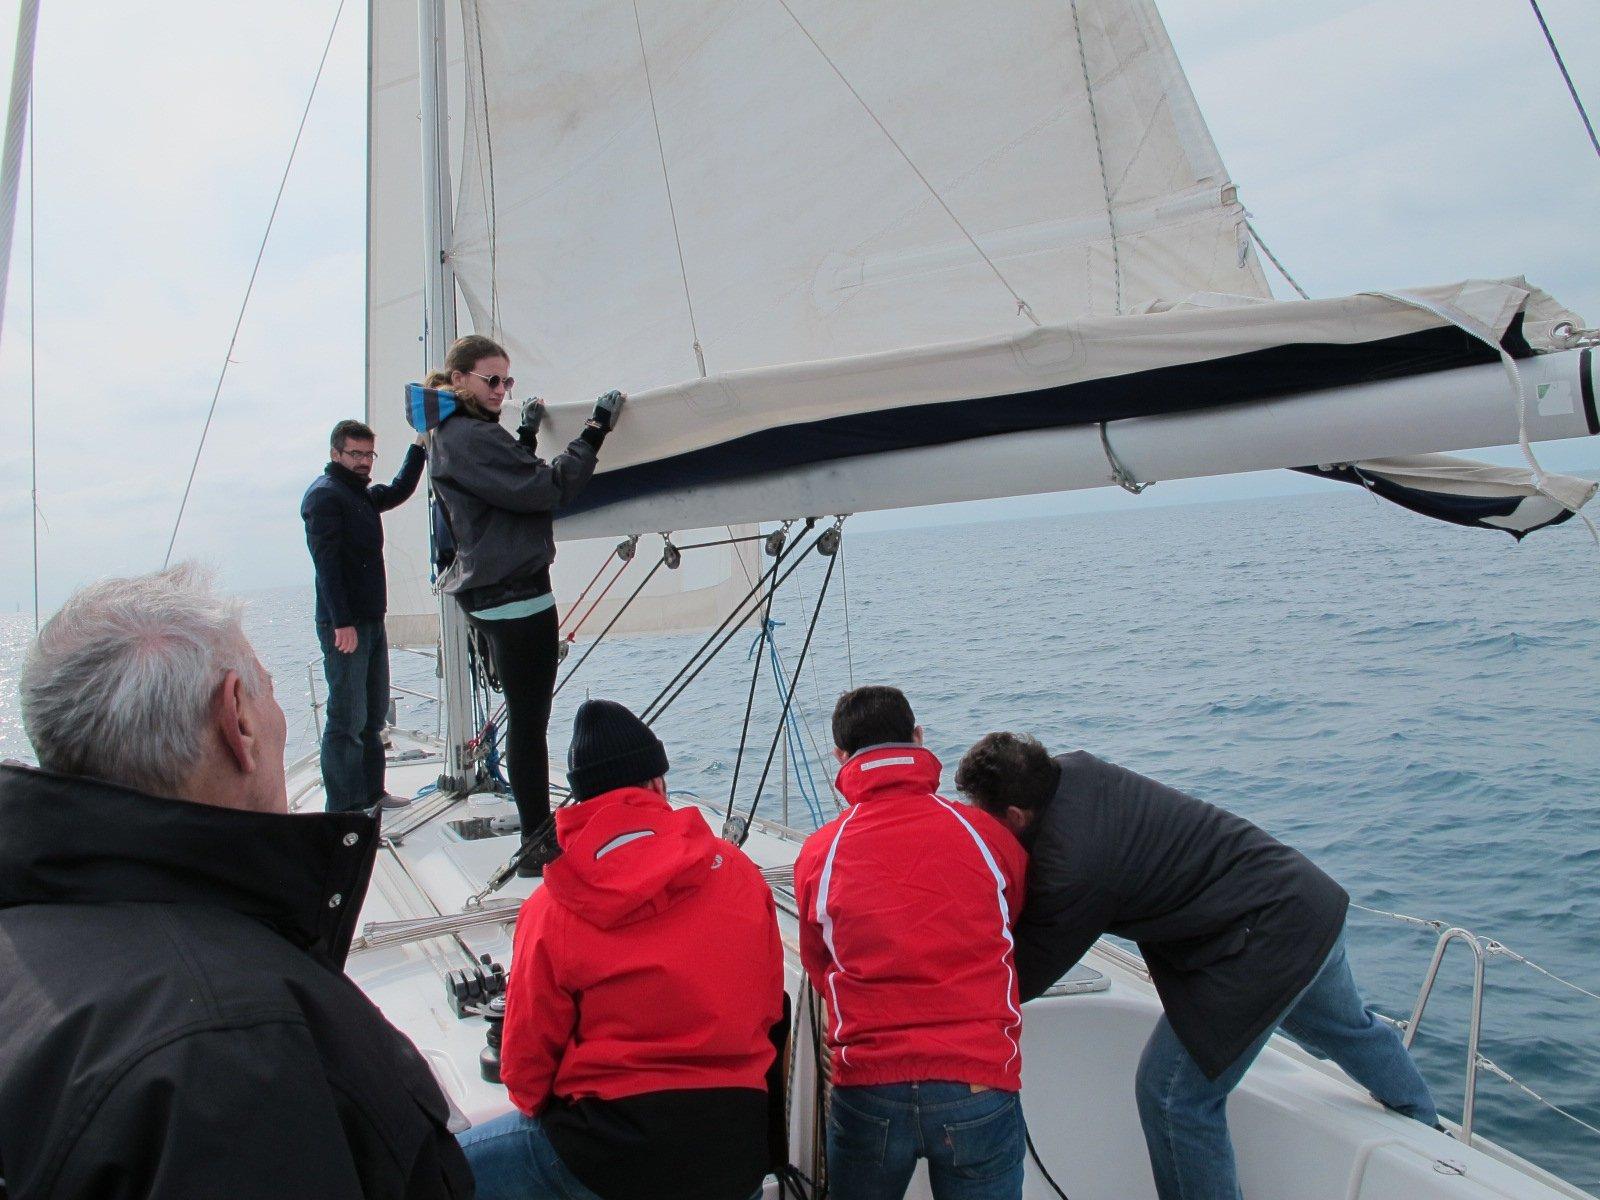 delle persone su una barca vela di cui uno appoggiato all'albero maestro